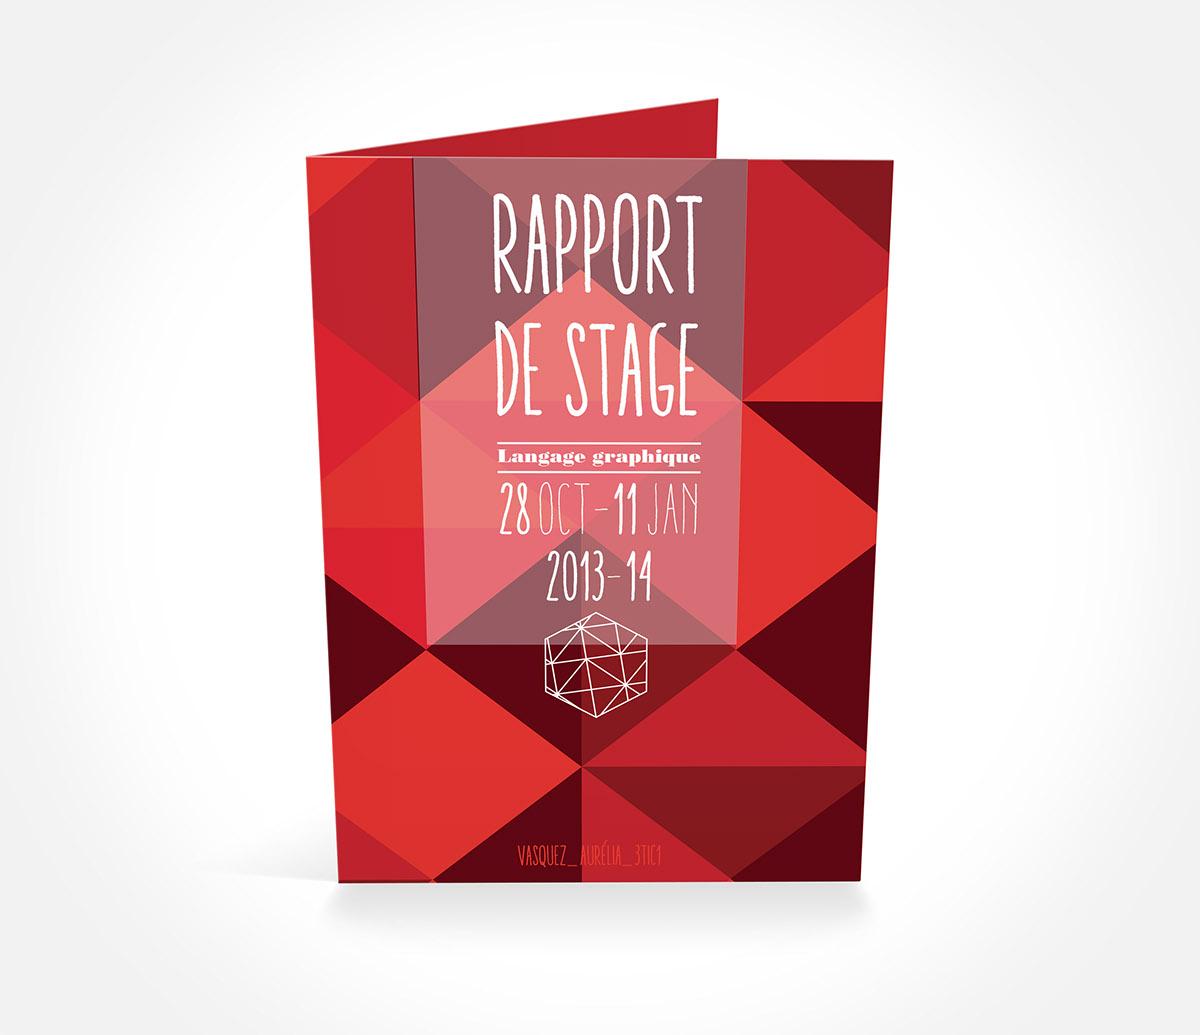 image de rapport de stage